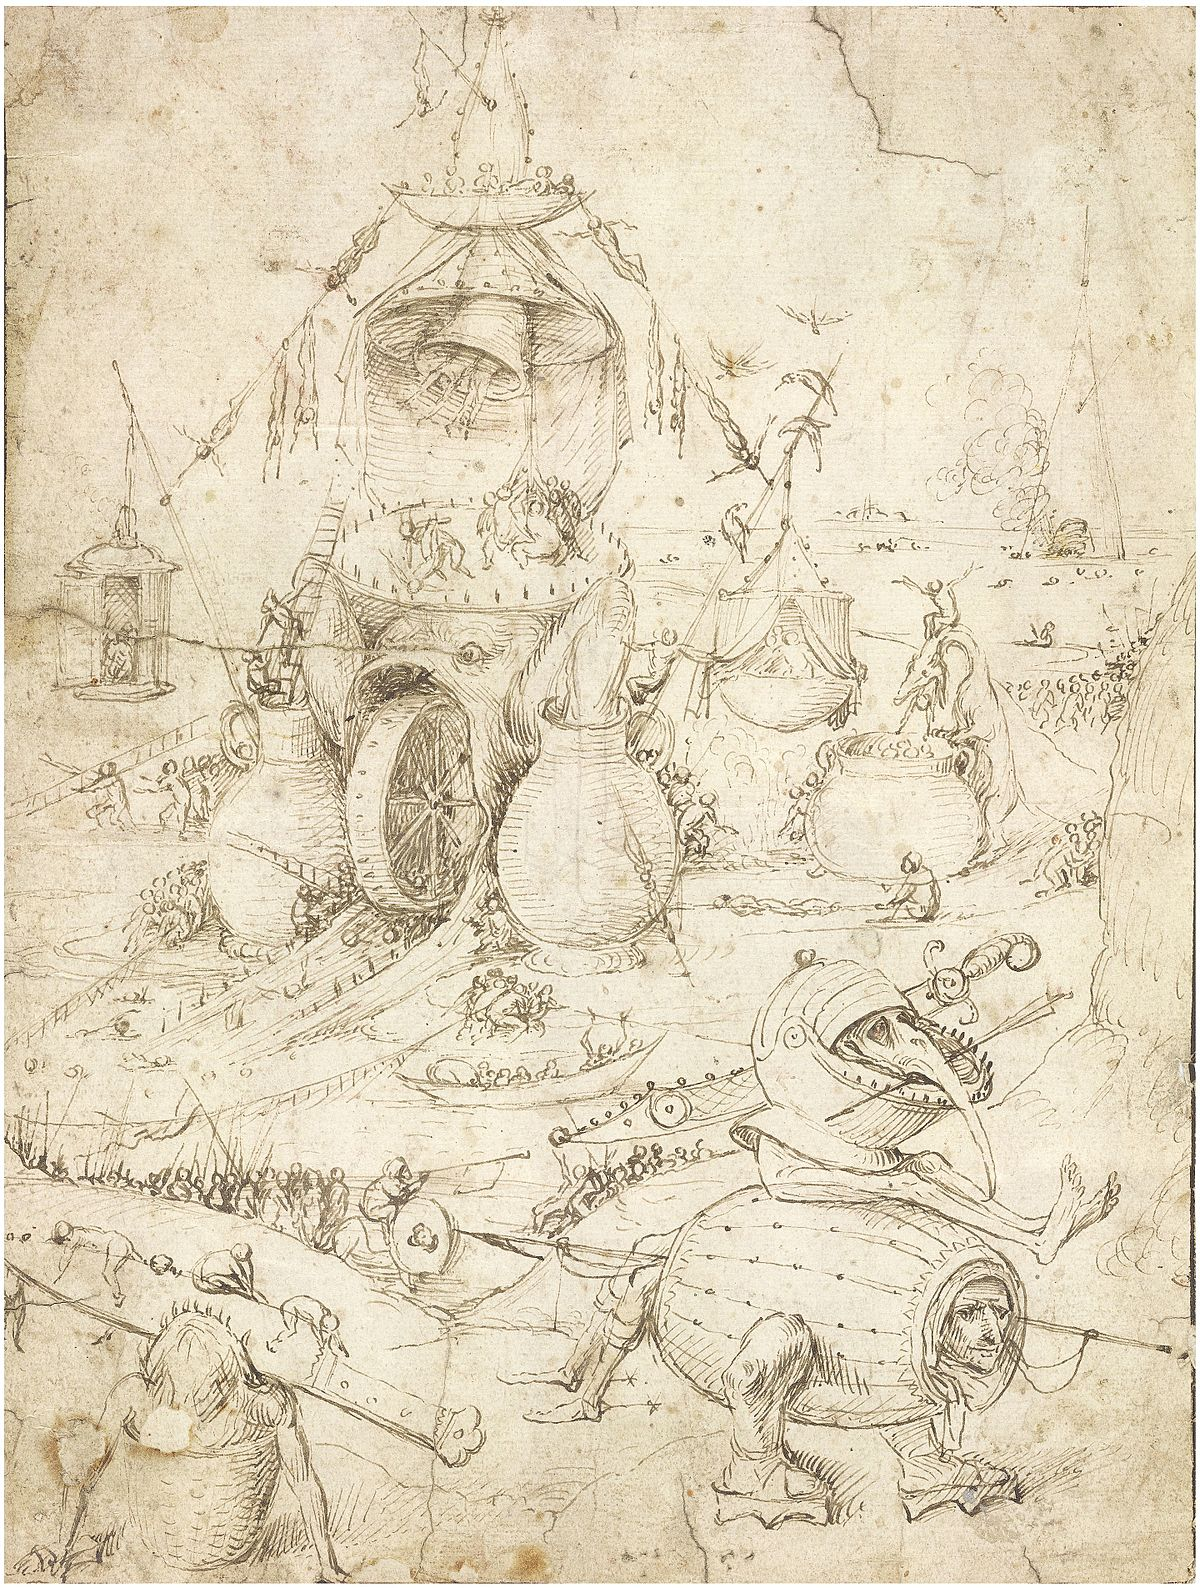 hieronymus bosch drawings wikipedia